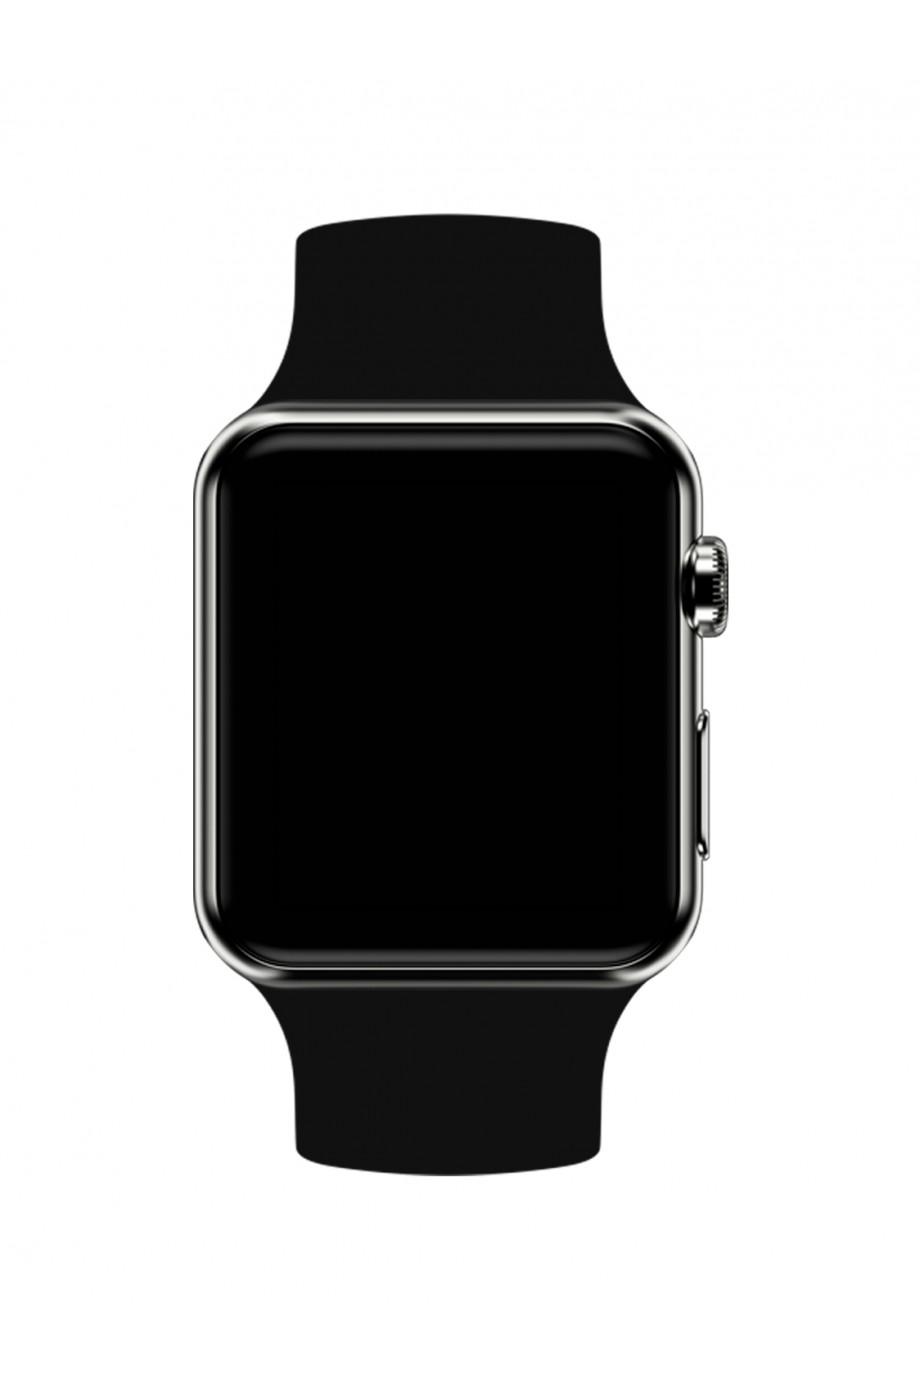 Силиконовый ремешок для Apple Watch 4/5 40 мм, черный